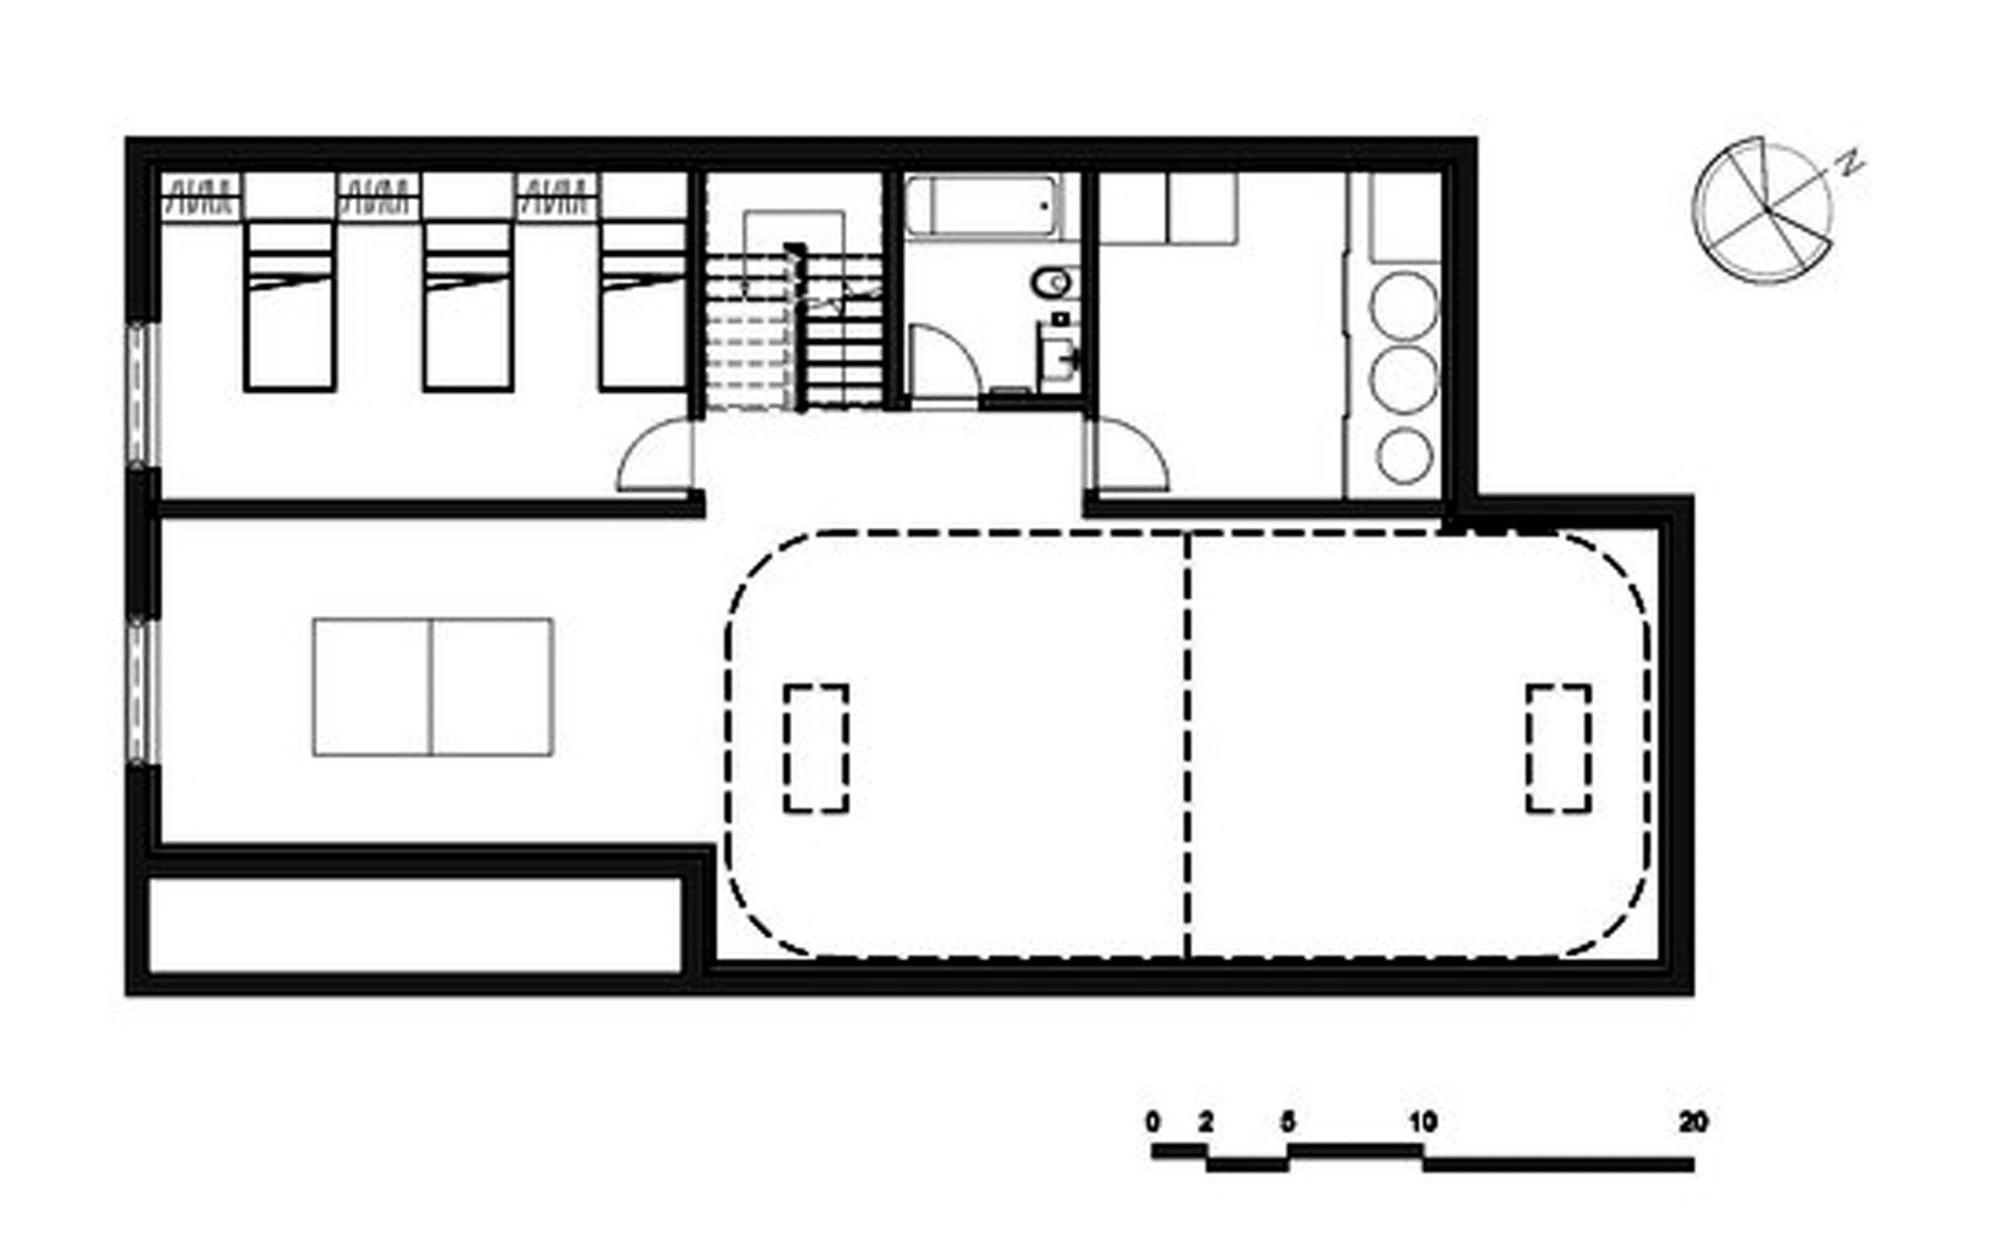 Dise o de casa moderna de dos pisos m s s tano planos Consejos para reformar una vivienda